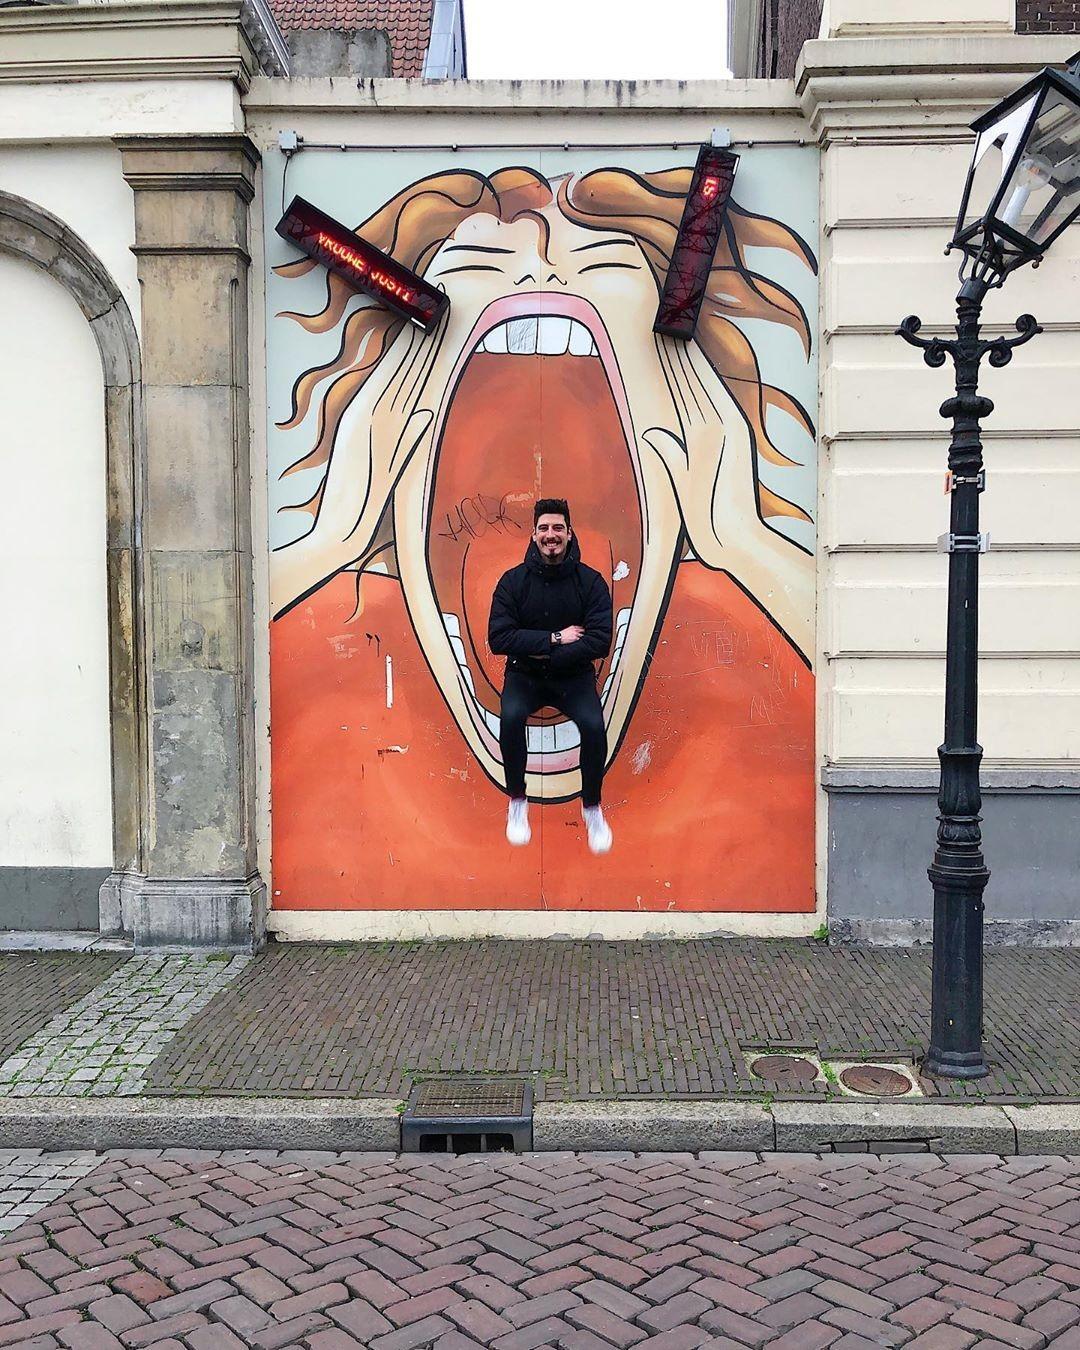 «Чёрный язык». Утрехт, Нидерланды. Автор Тиаго Силва